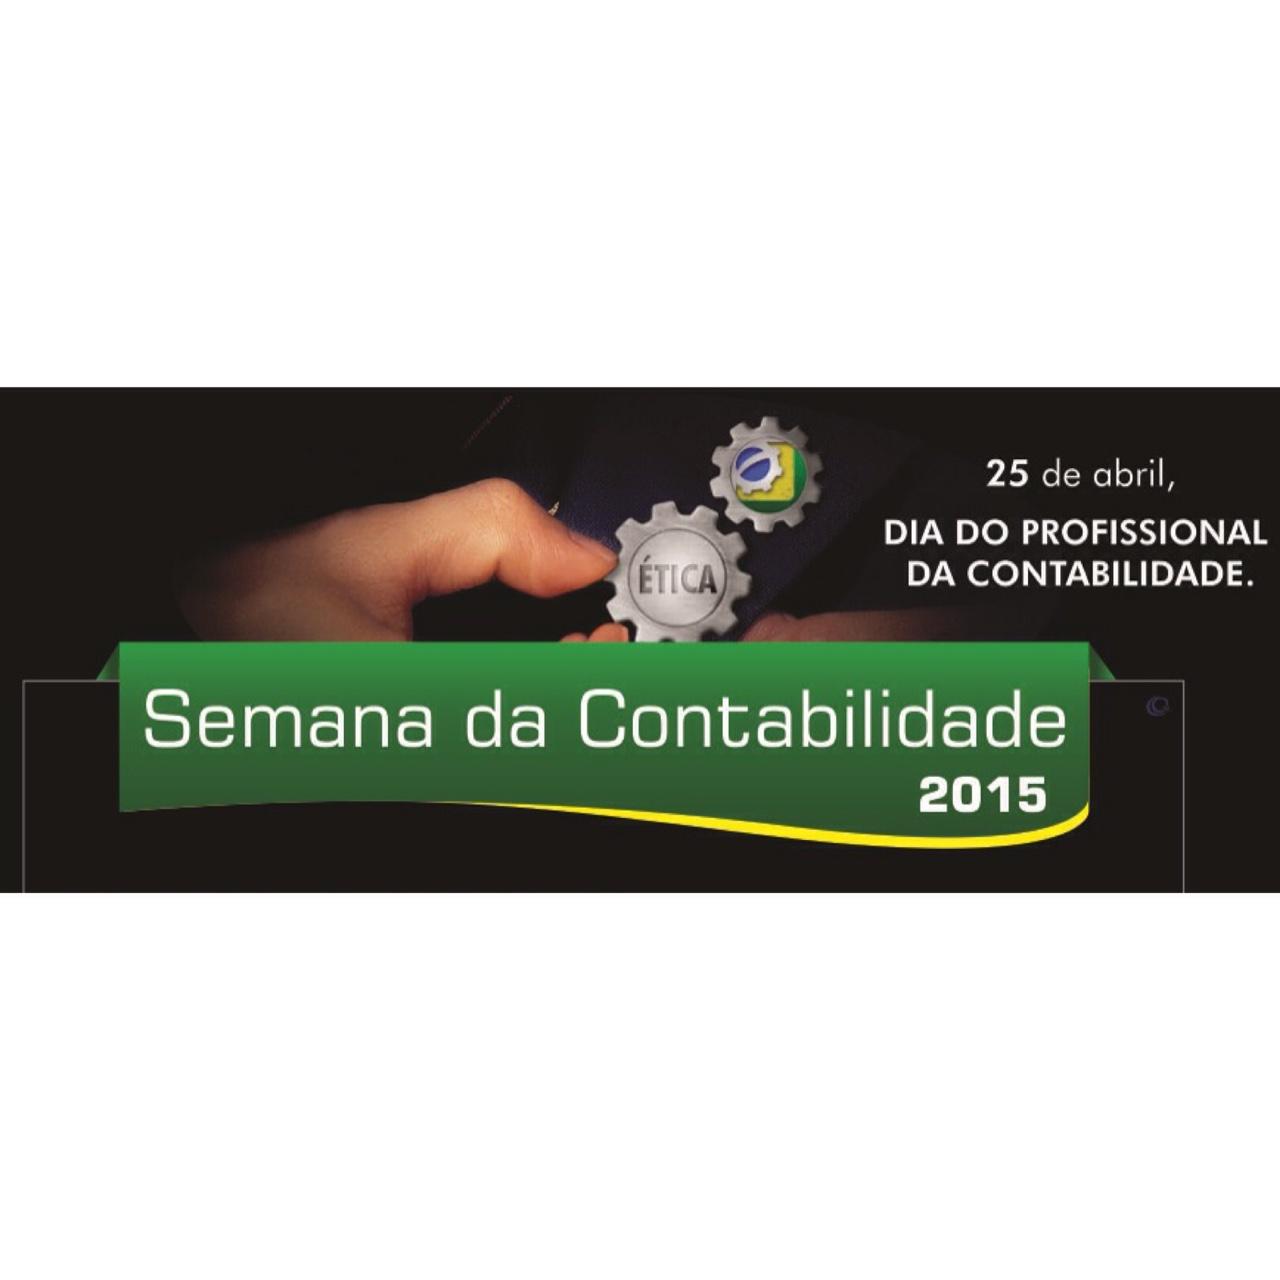 De 22 a 26 de abril, CRCPI realizará a Semana da Contabilidade